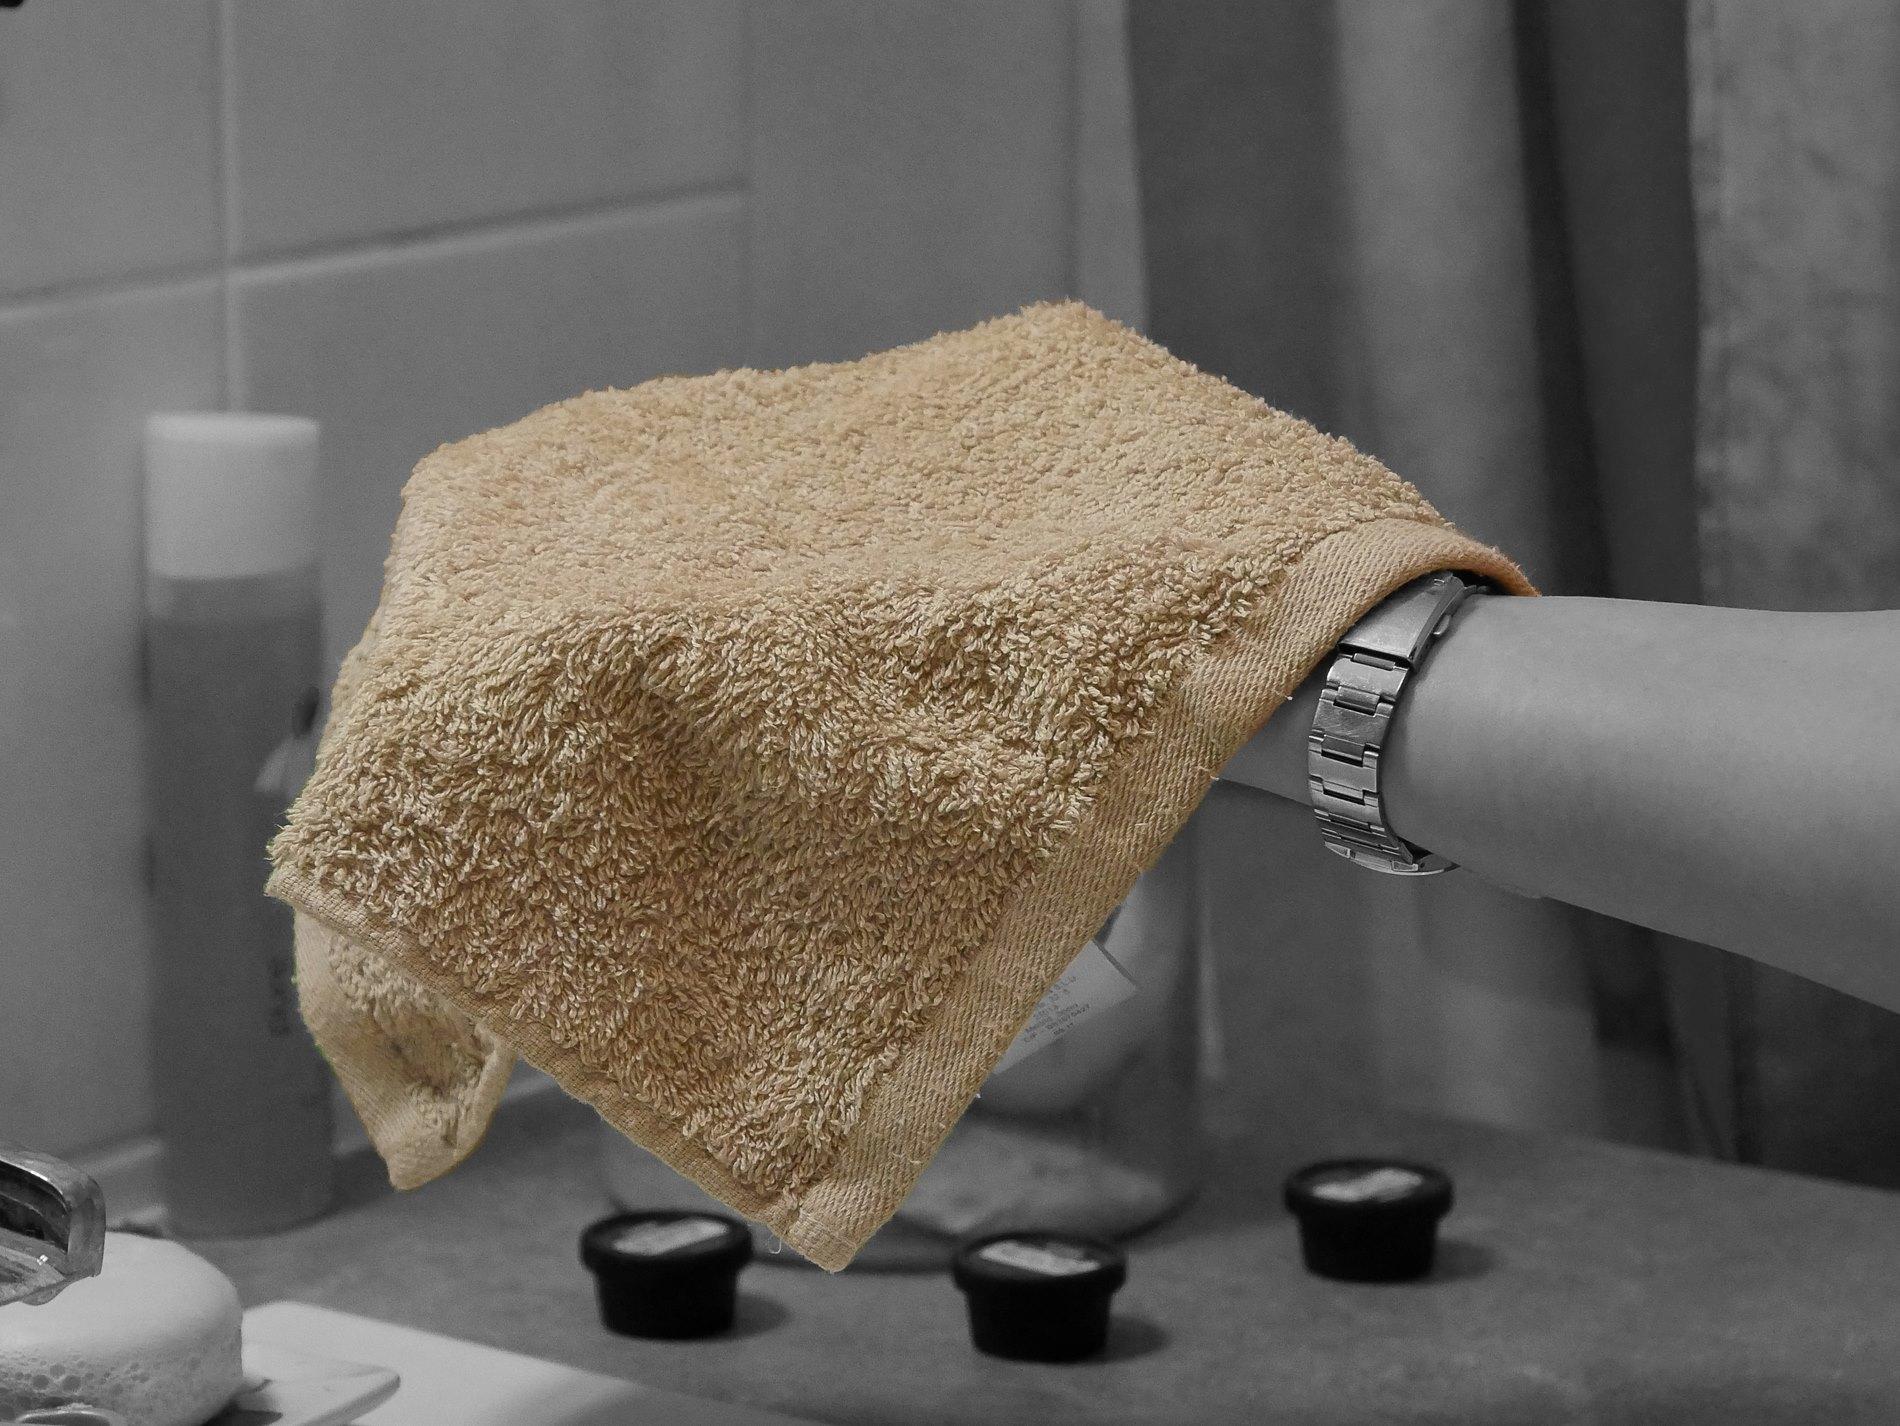 serviette propre et sèche - juliesliberties